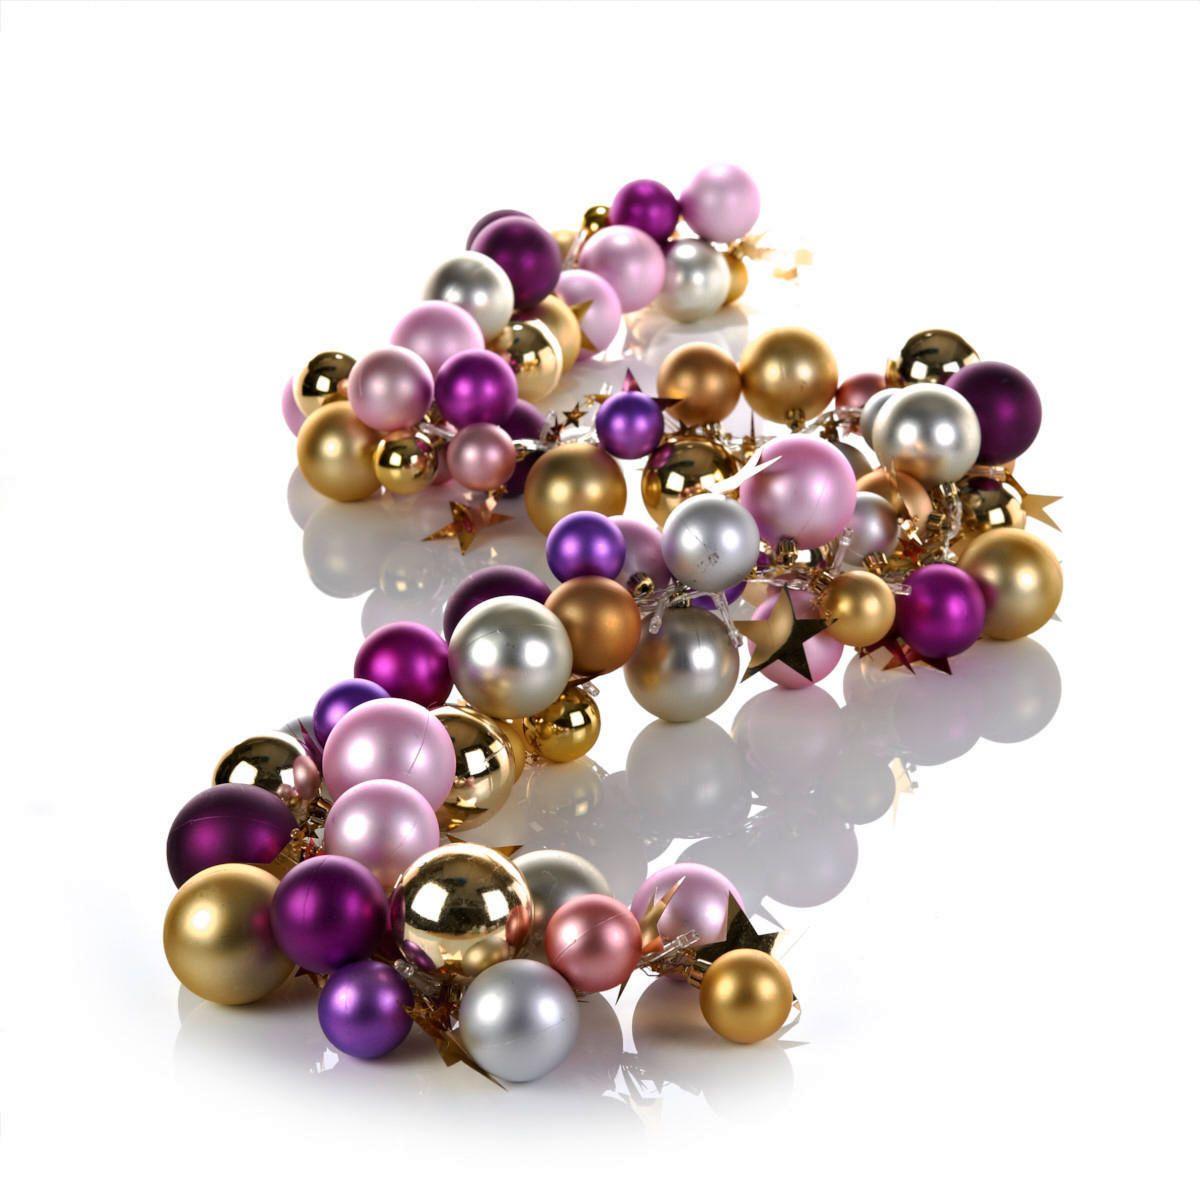 Kugelgirlande in Gold, Rosa und Pink mit  warmweißen LEDs mit kleinen Sternen im Metallic-Look.  #Girlande #Weihnachtsdeko #Impressionenversand